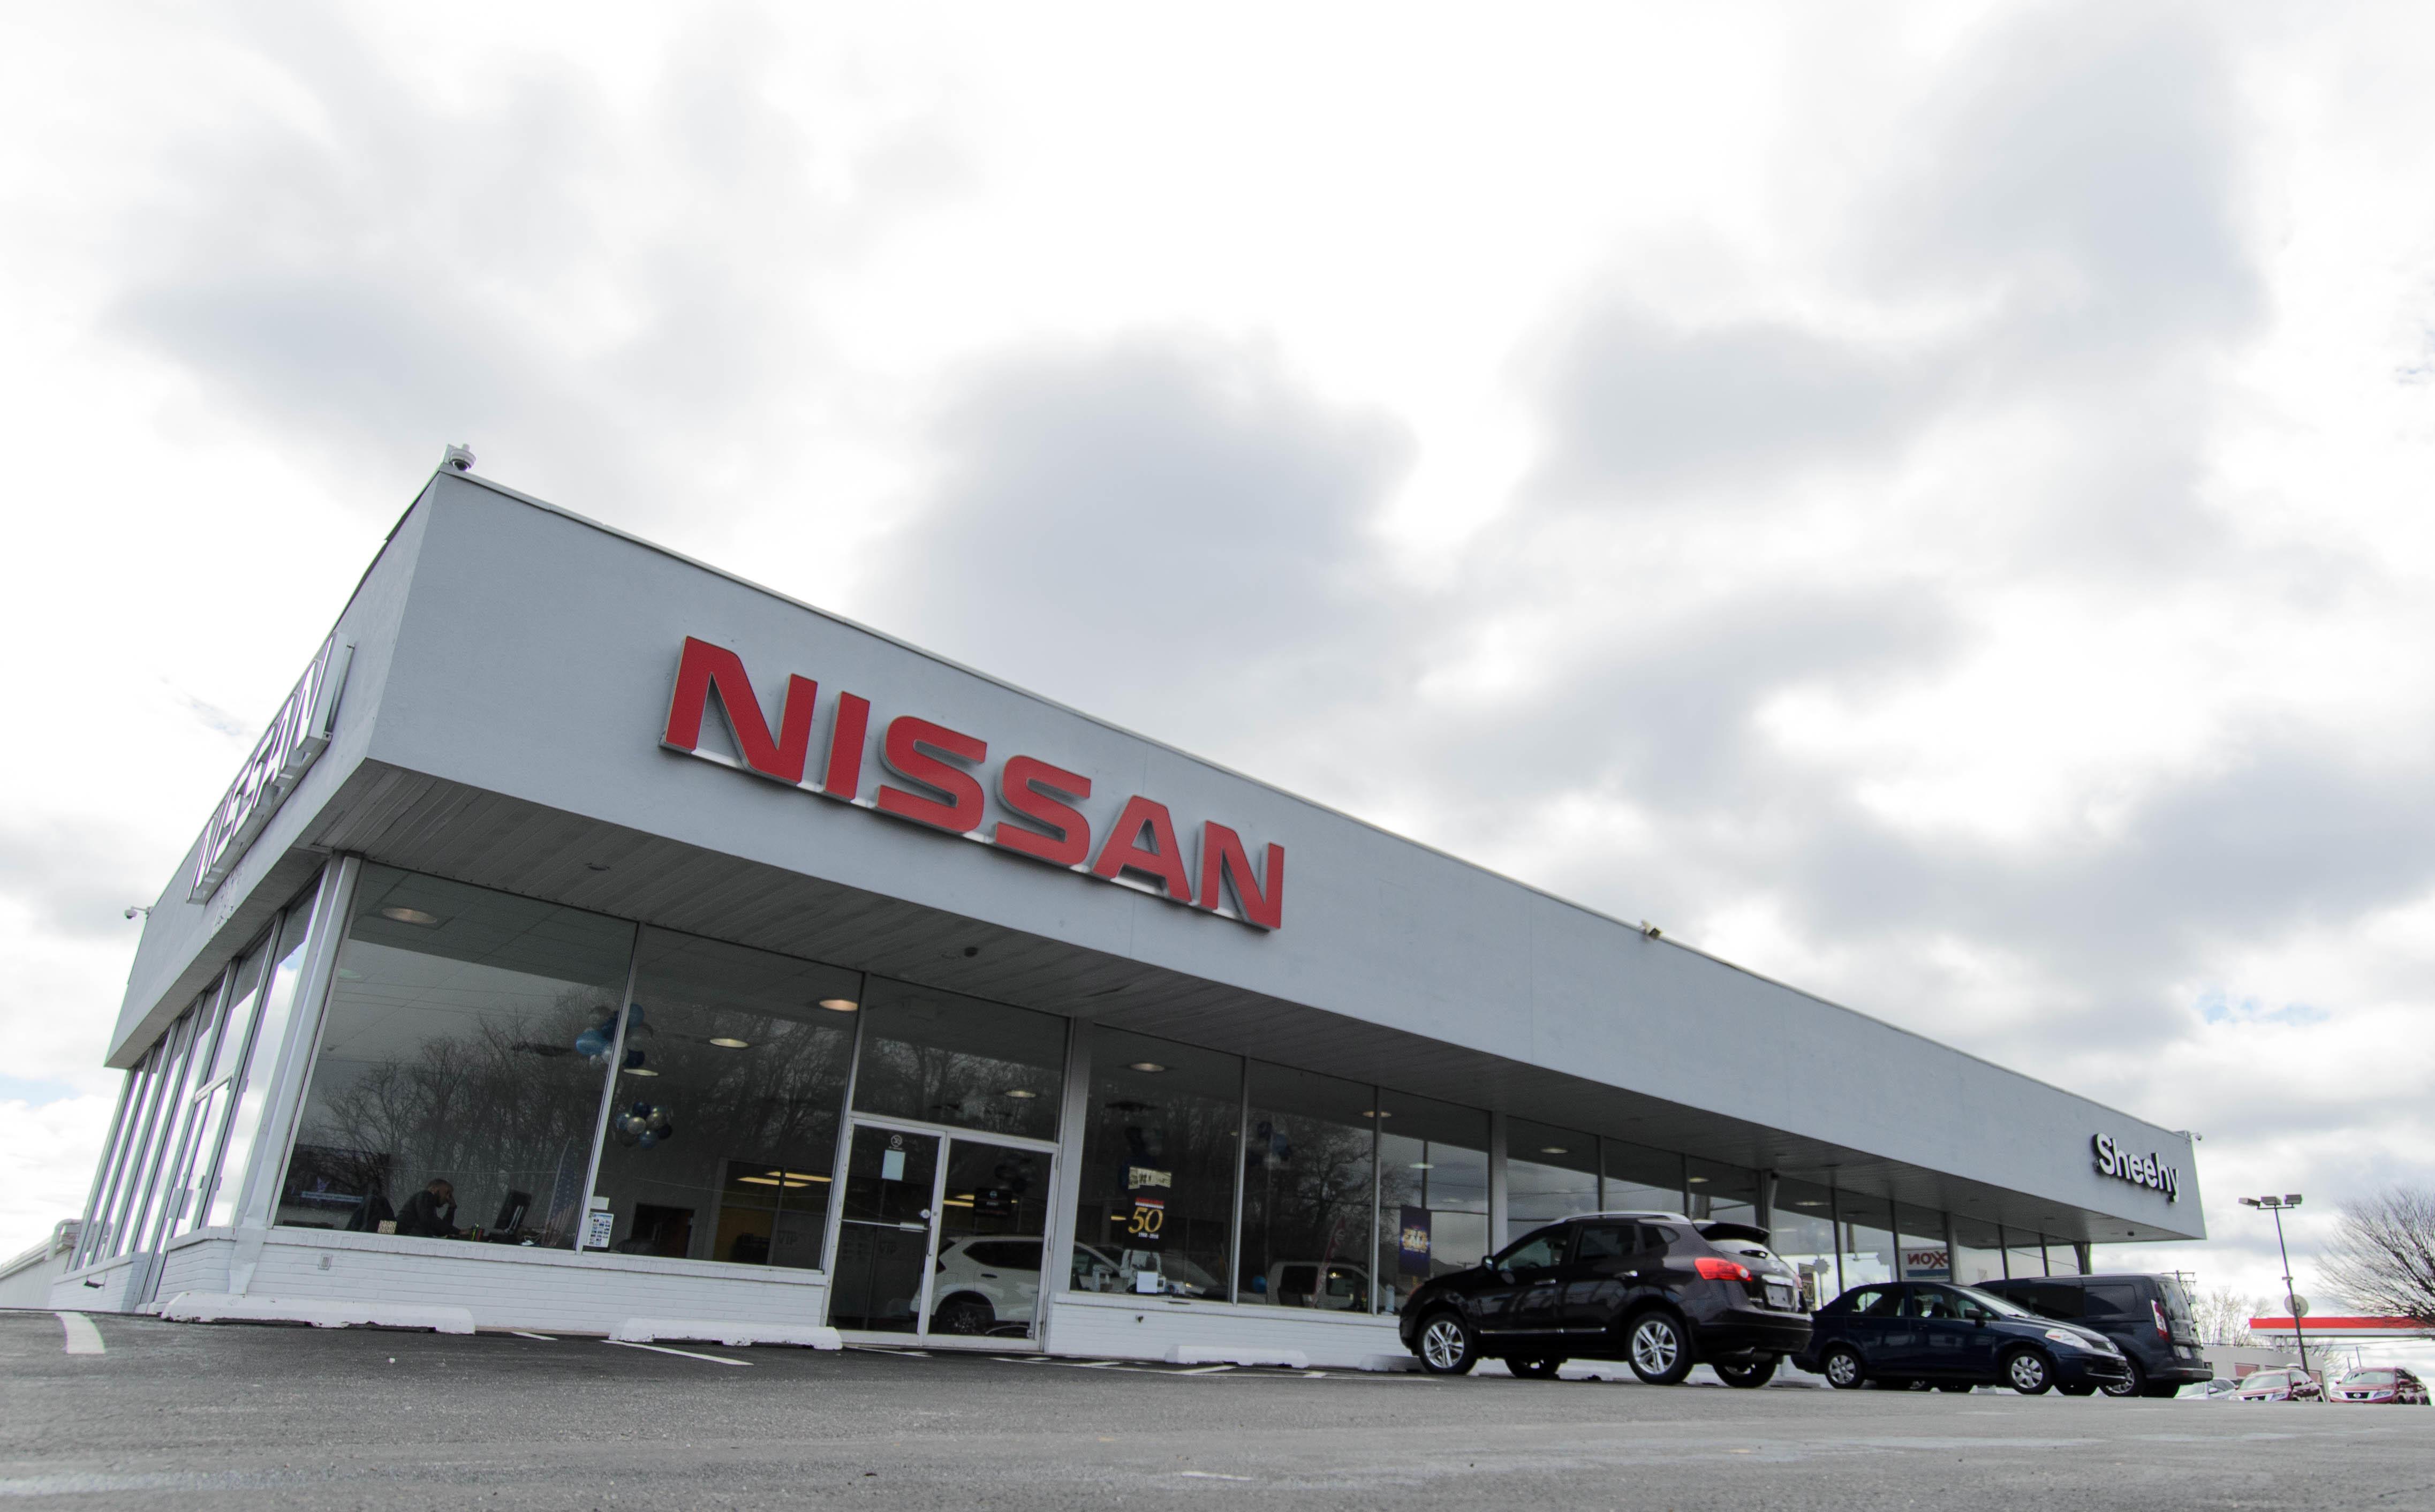 nissan westwaywolverhampton midlands dealers dealer take dealership car of magazine md in publish control team new